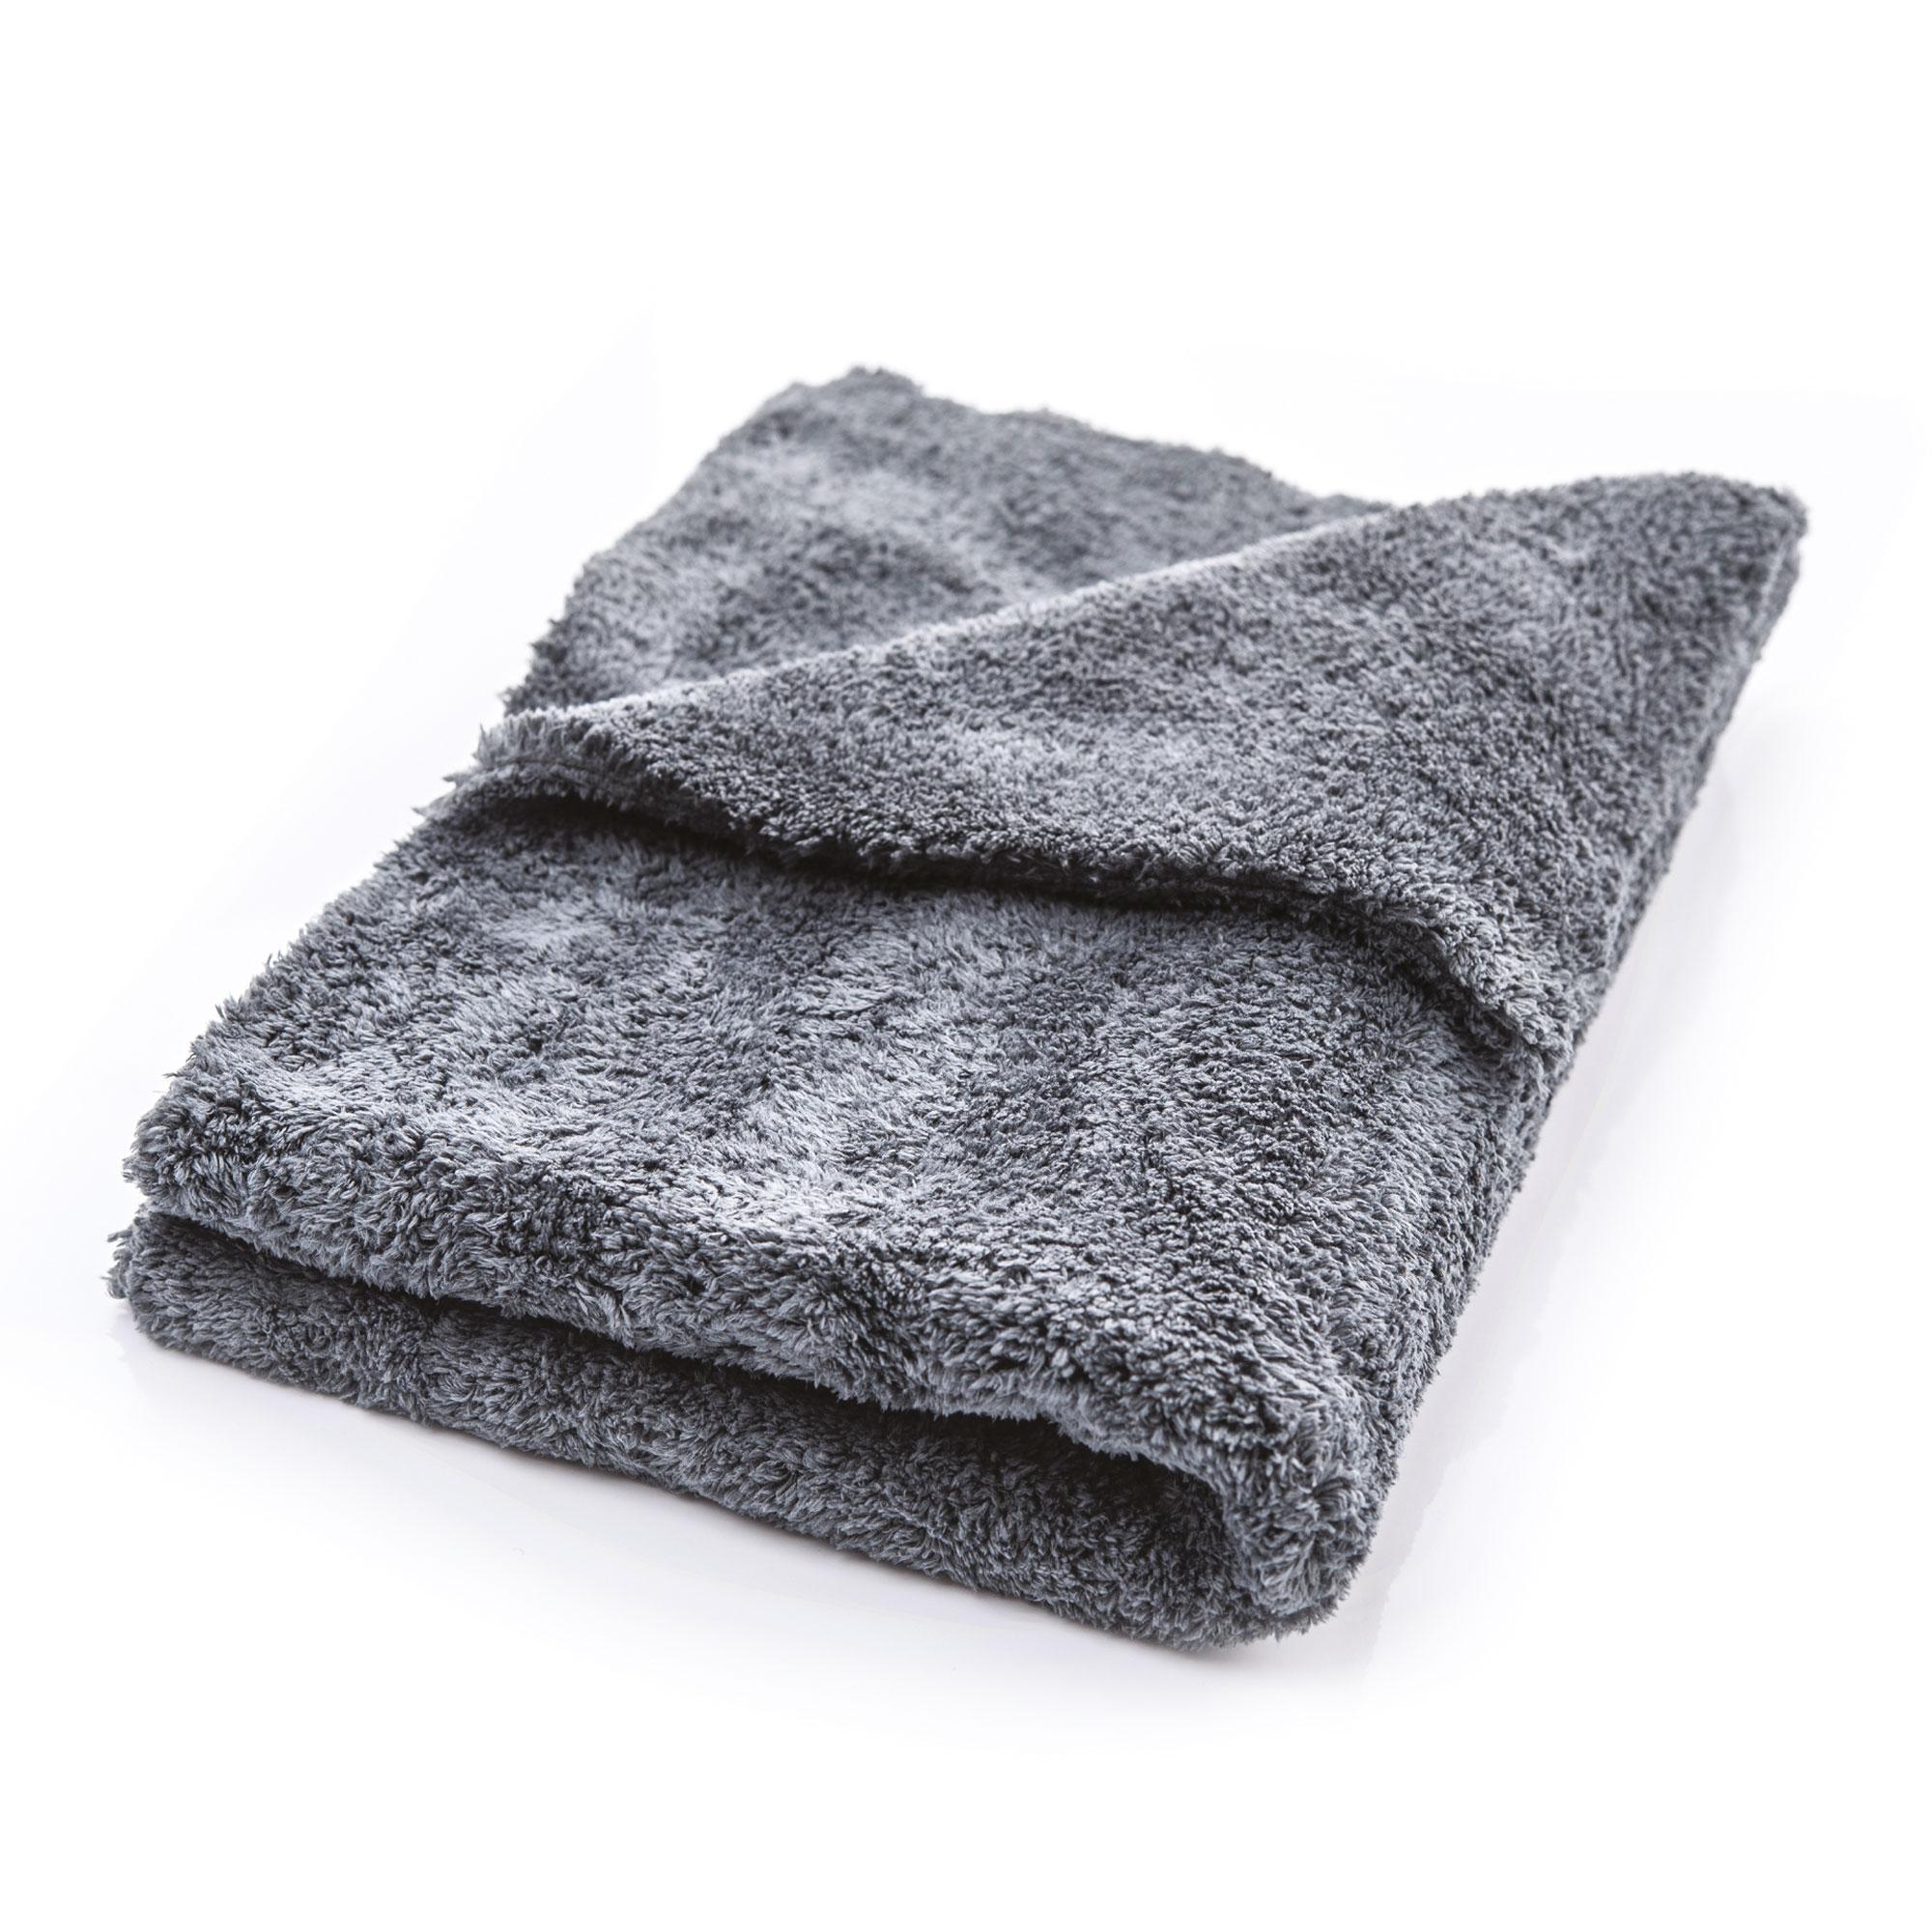 Premium Soft Towel